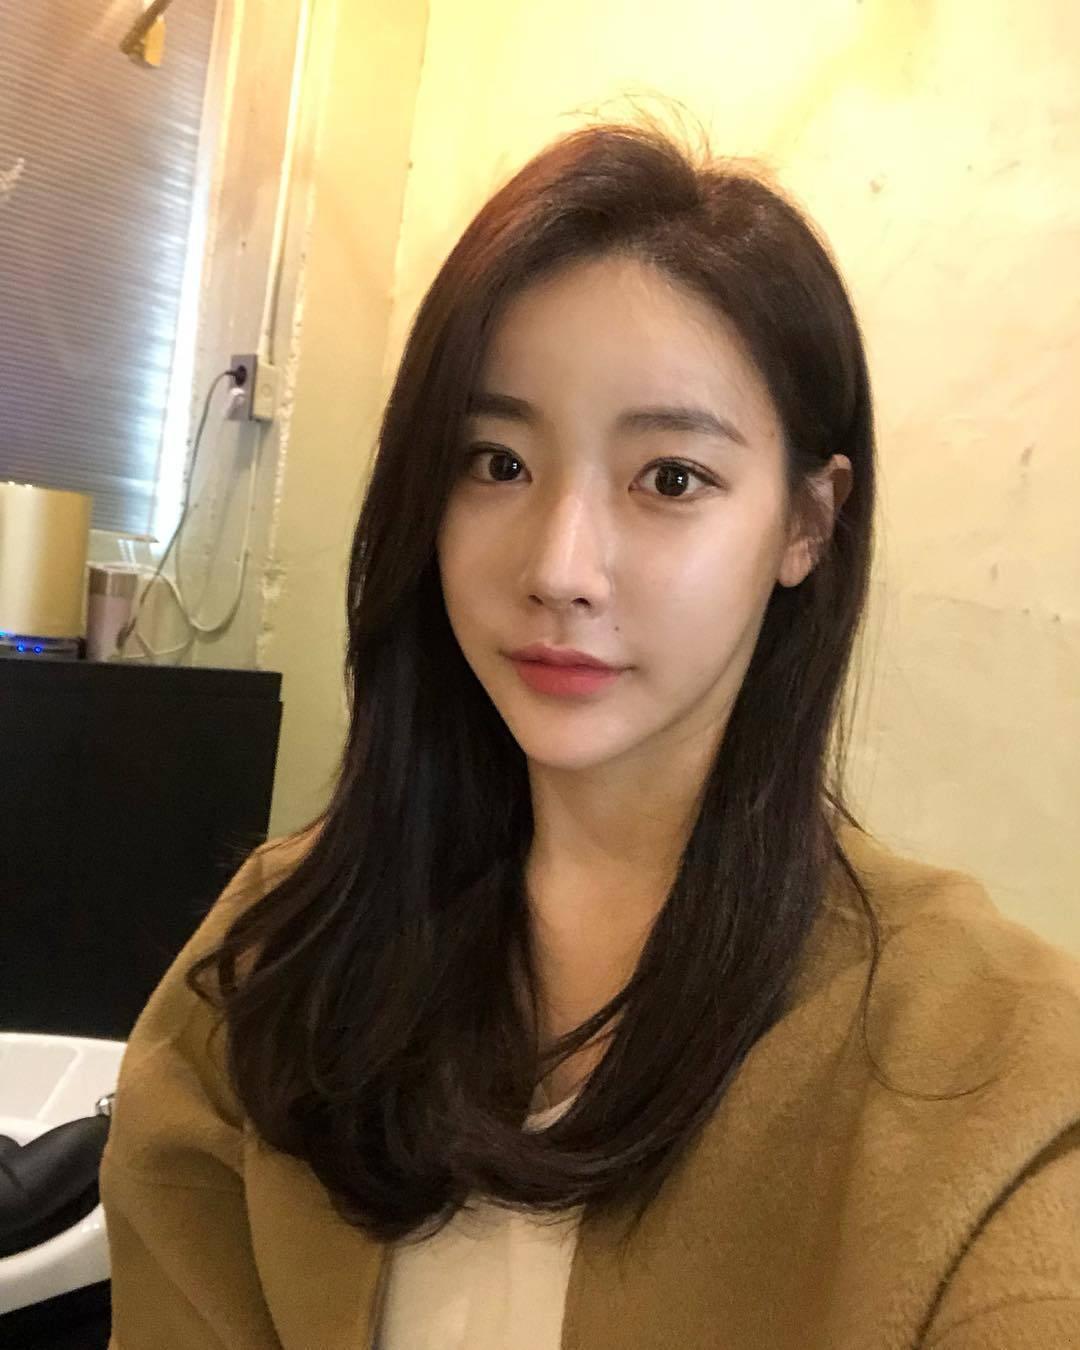 김상혁 와이프 송다예2.jpg